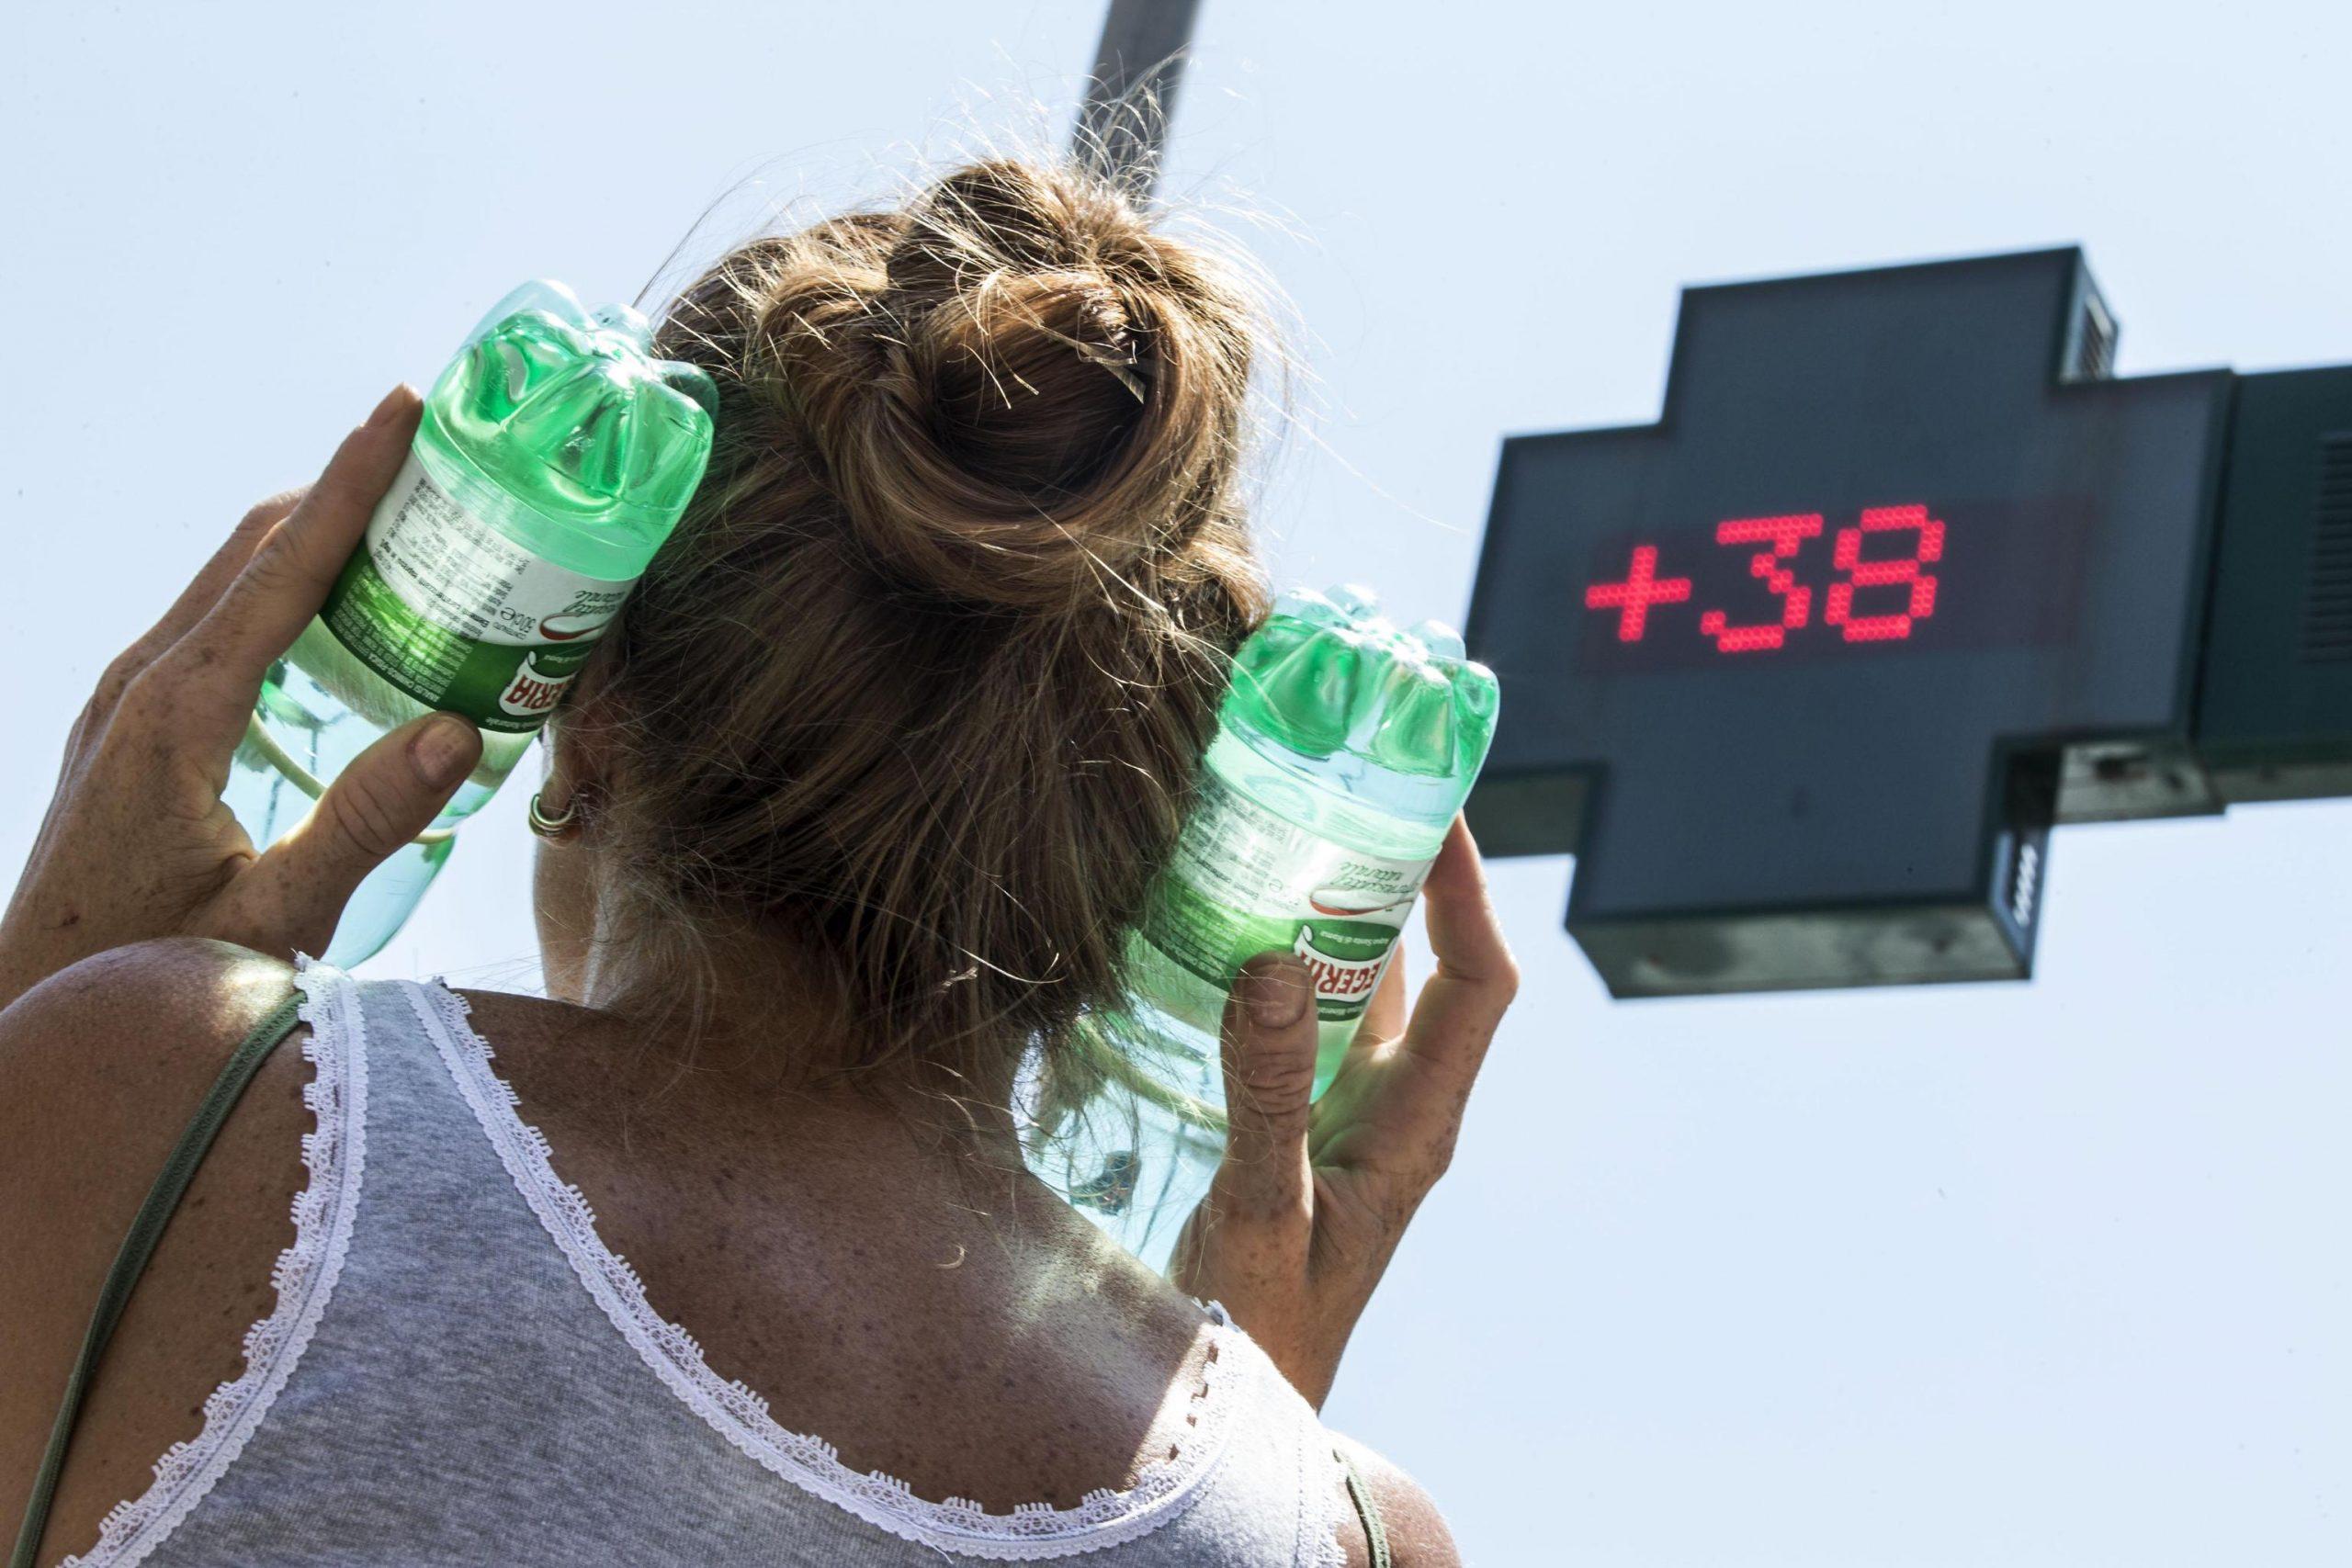 Meteo agosto 2017, caldo record in arrivo: temperature fino a 39 gradi